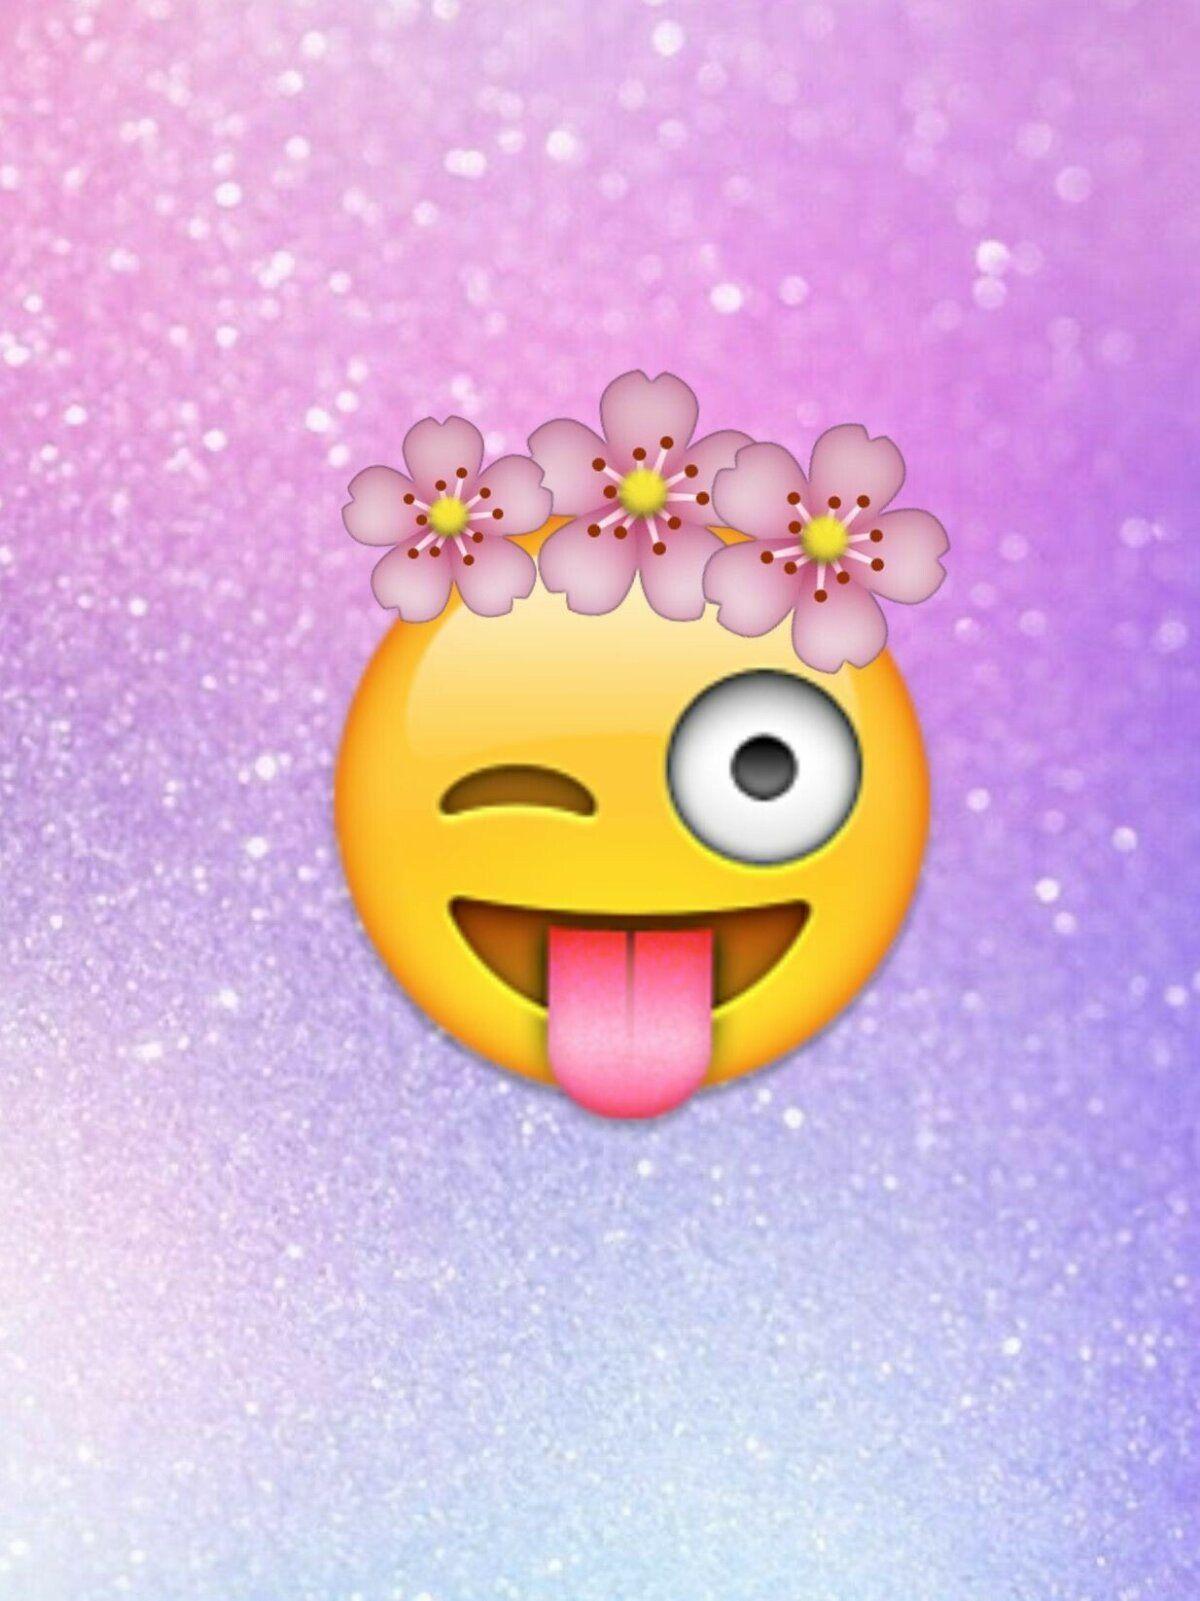 خلفيات إيموجي Emojis منوعة للجوال 2 in 2020 Emoji